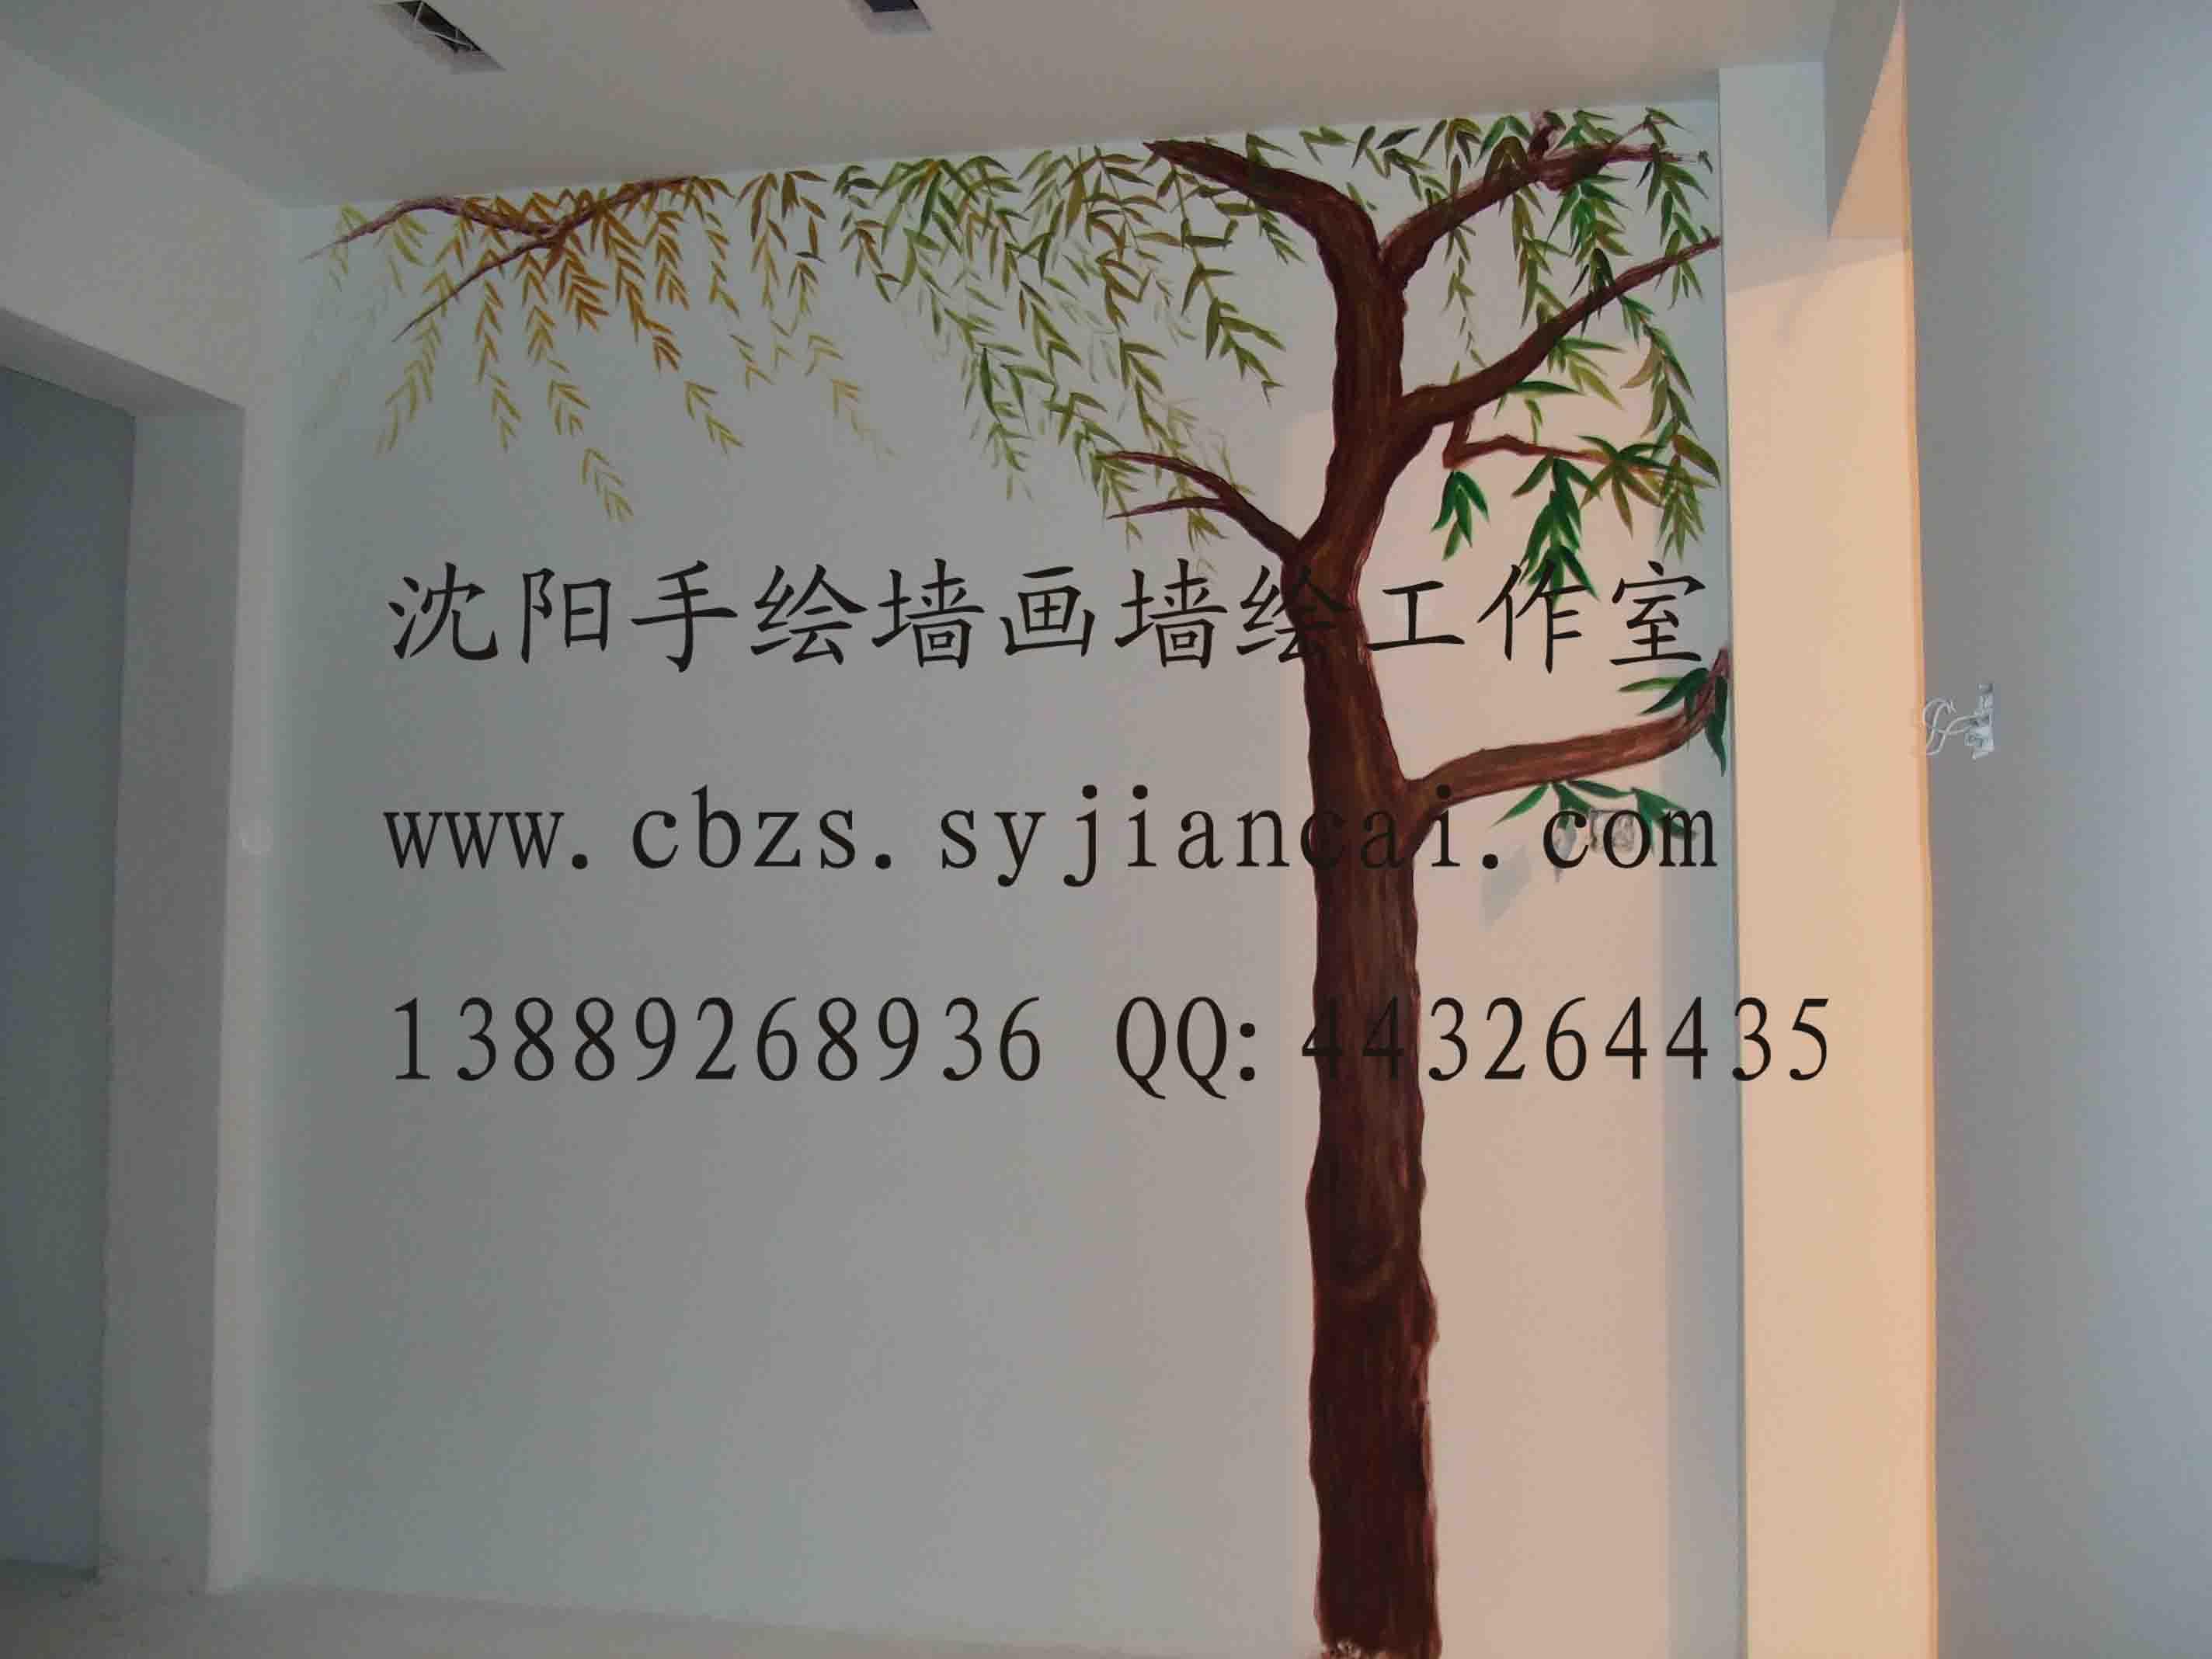 沙漠风景手绘背景558,沈阳画欣手绘墙画/墙体彩绘/墙